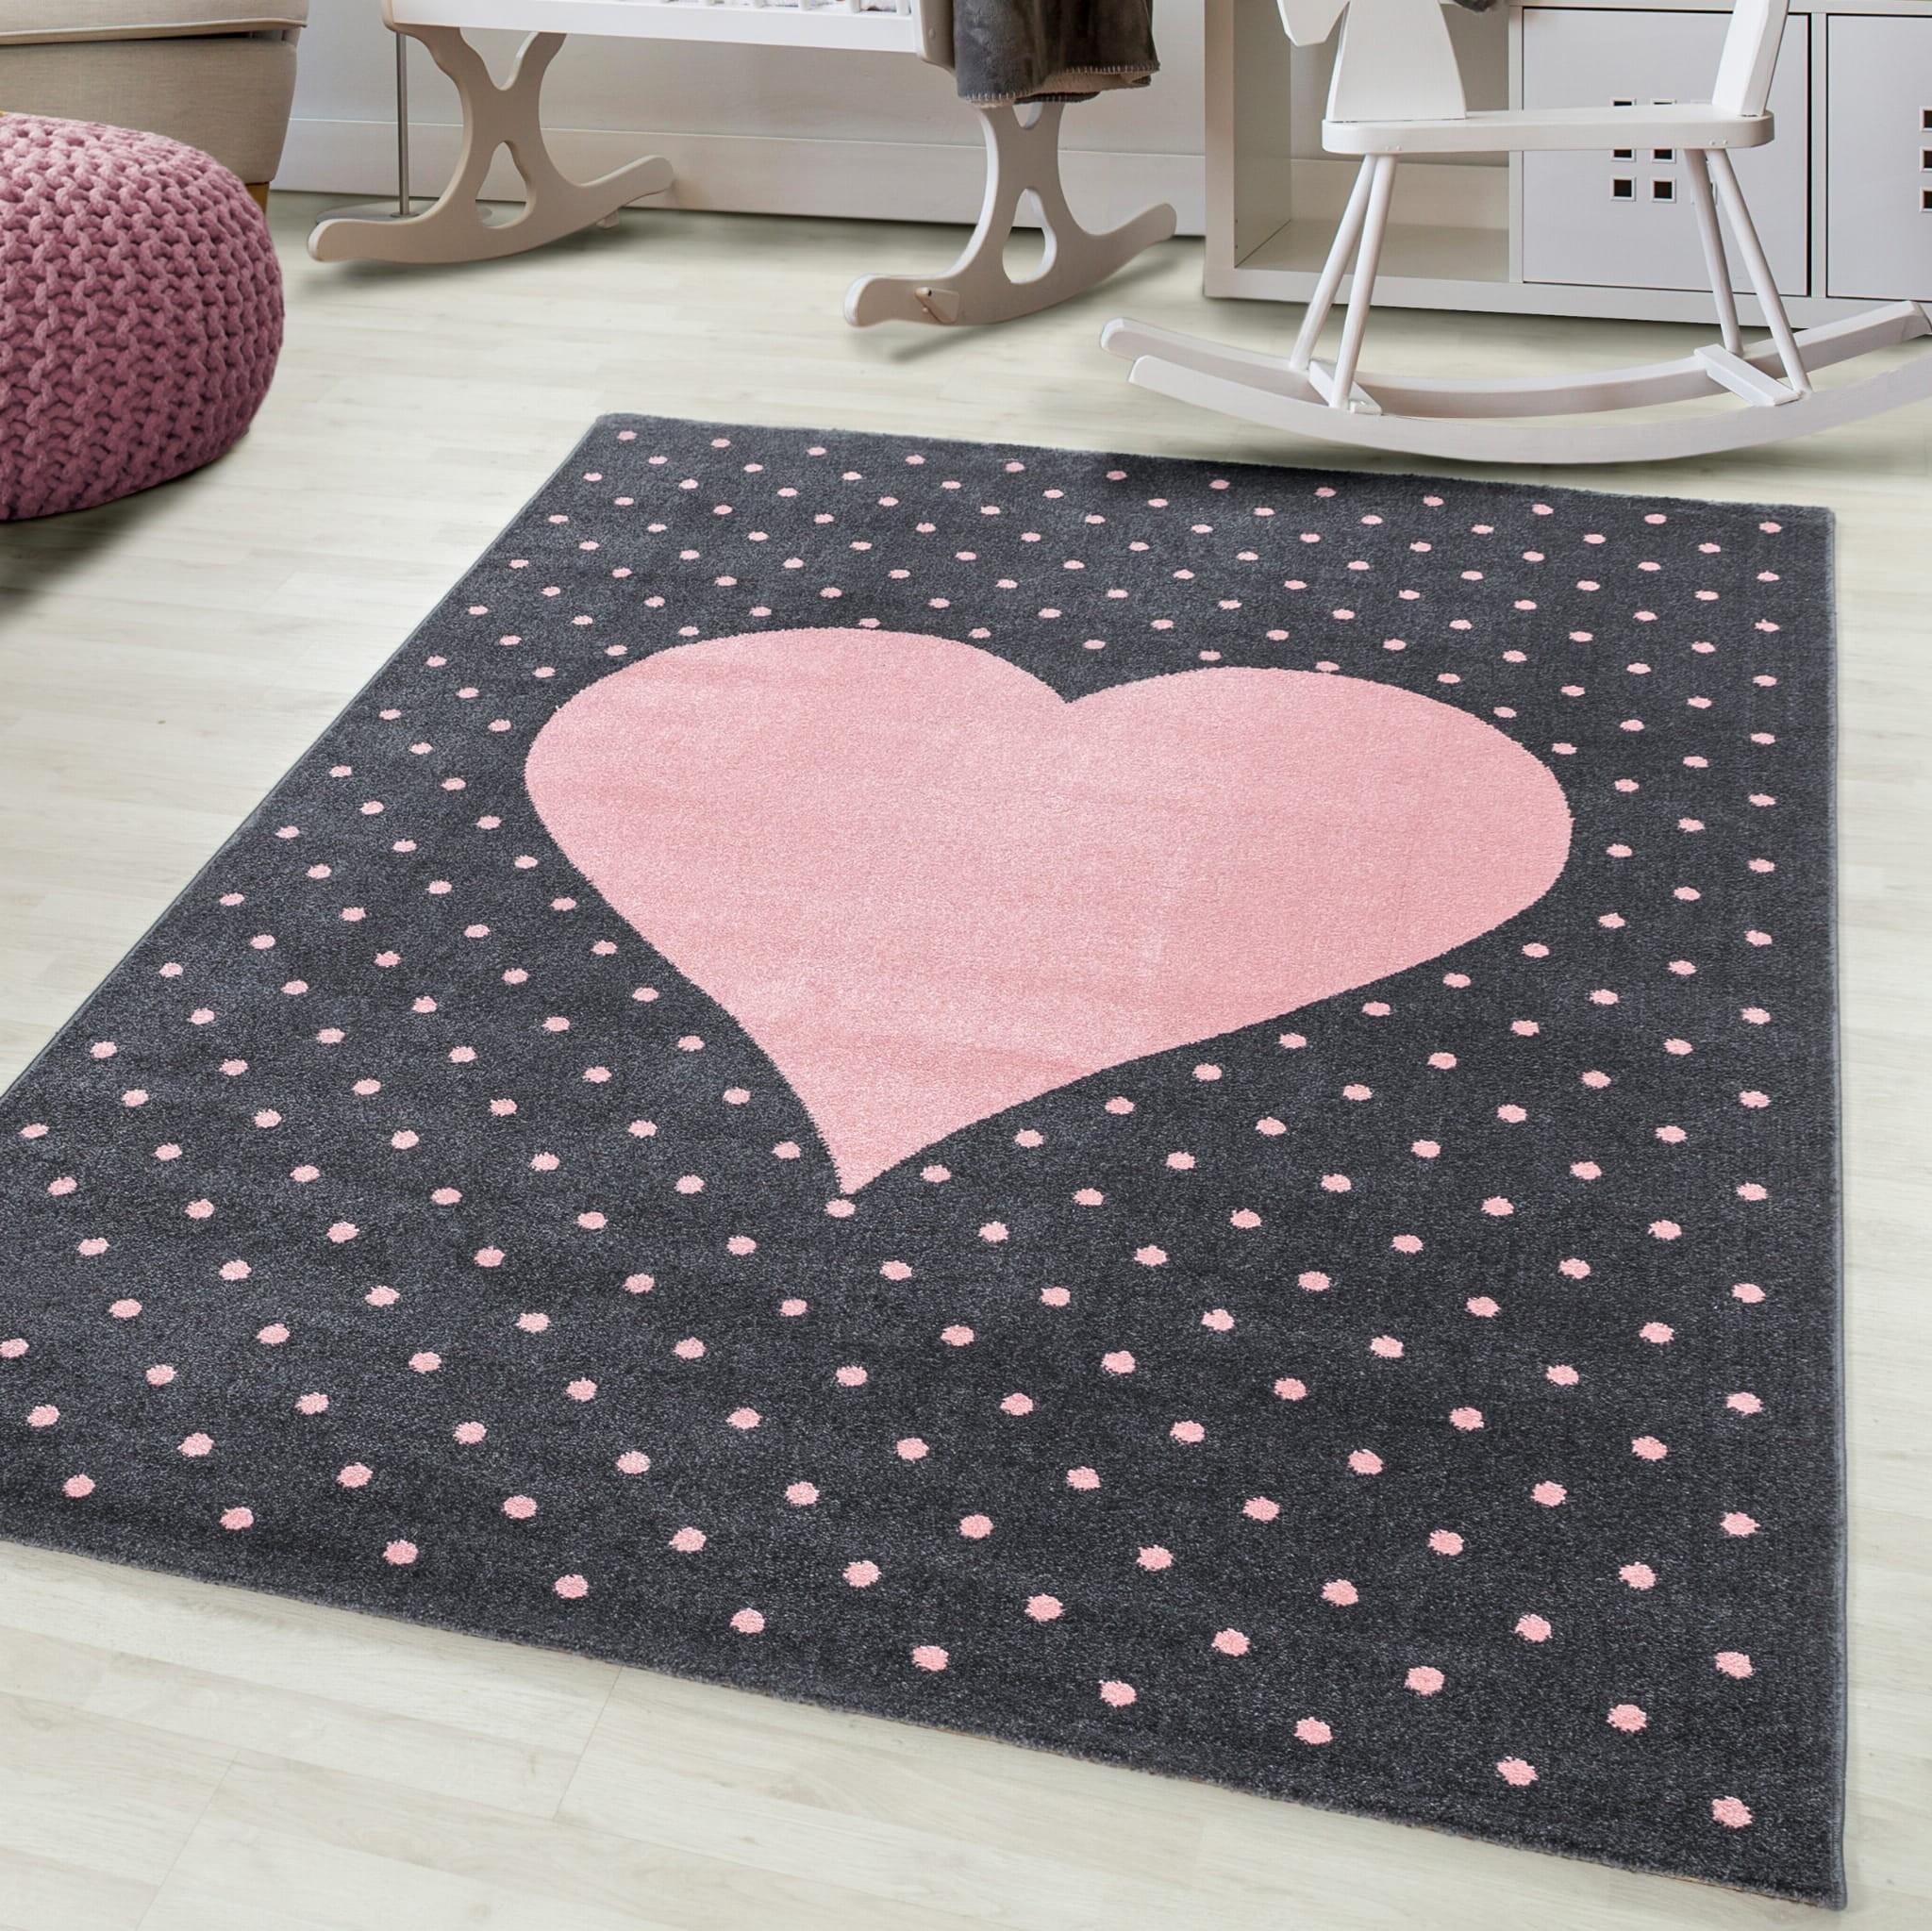 Luxusní šedý koberec do dětského pokoje růžové srdce